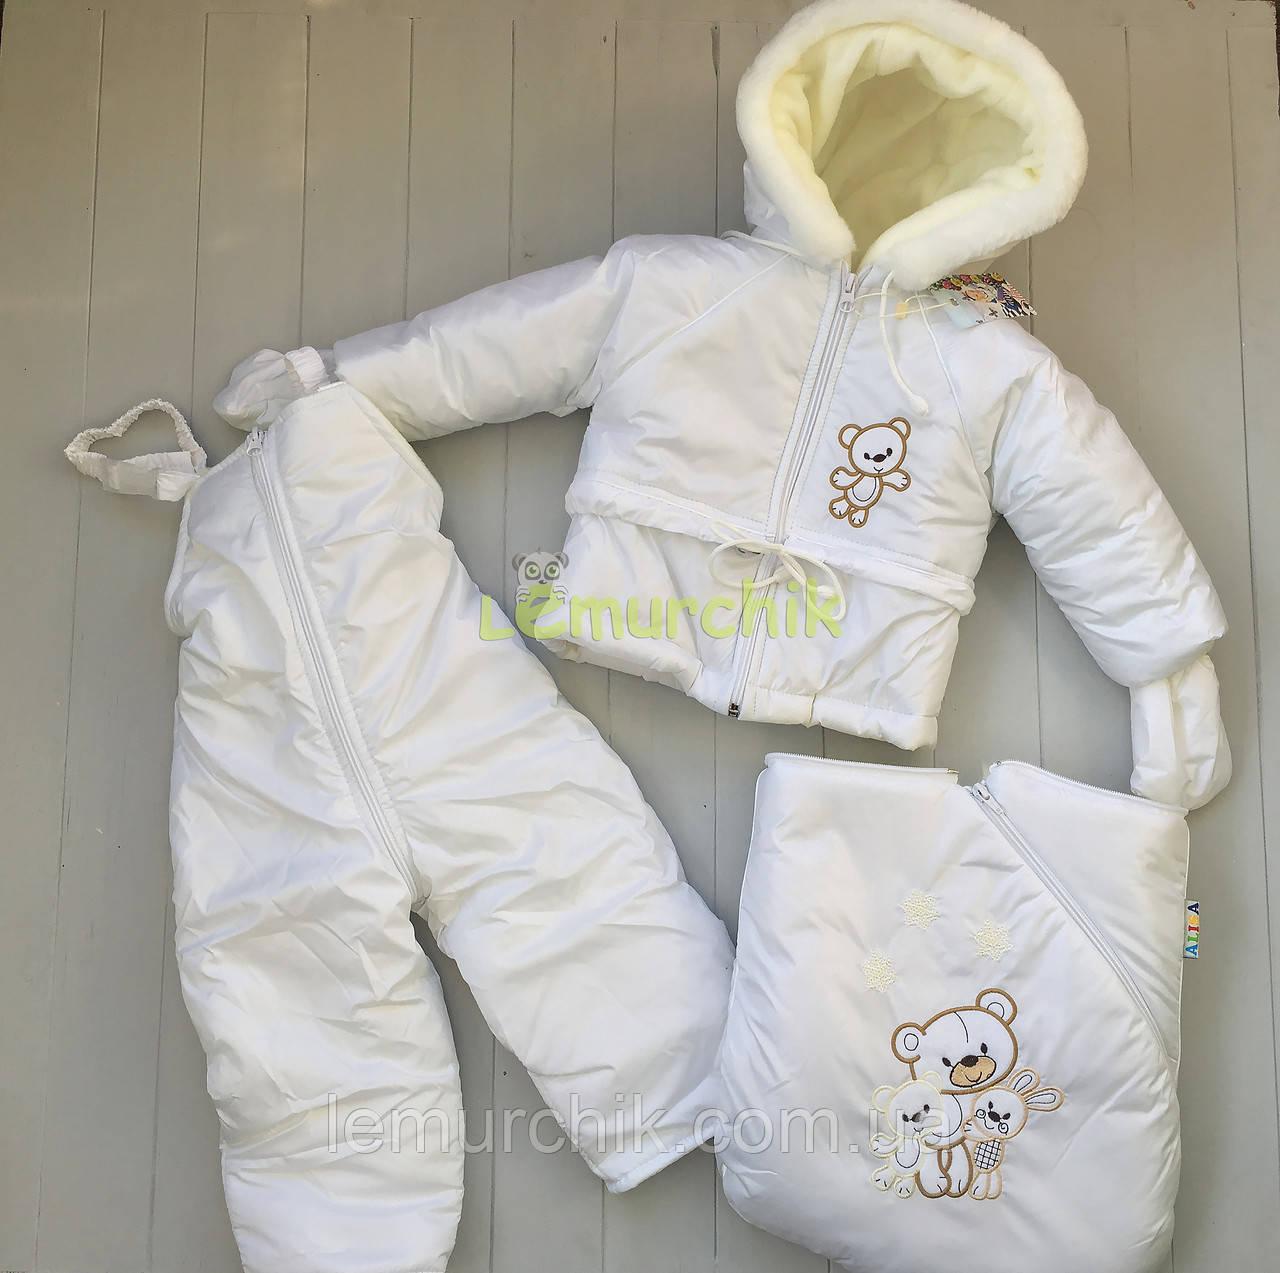 Детский зимний комбинезон-трансформер (куртка+штаны комбинезон+мешочек), белый